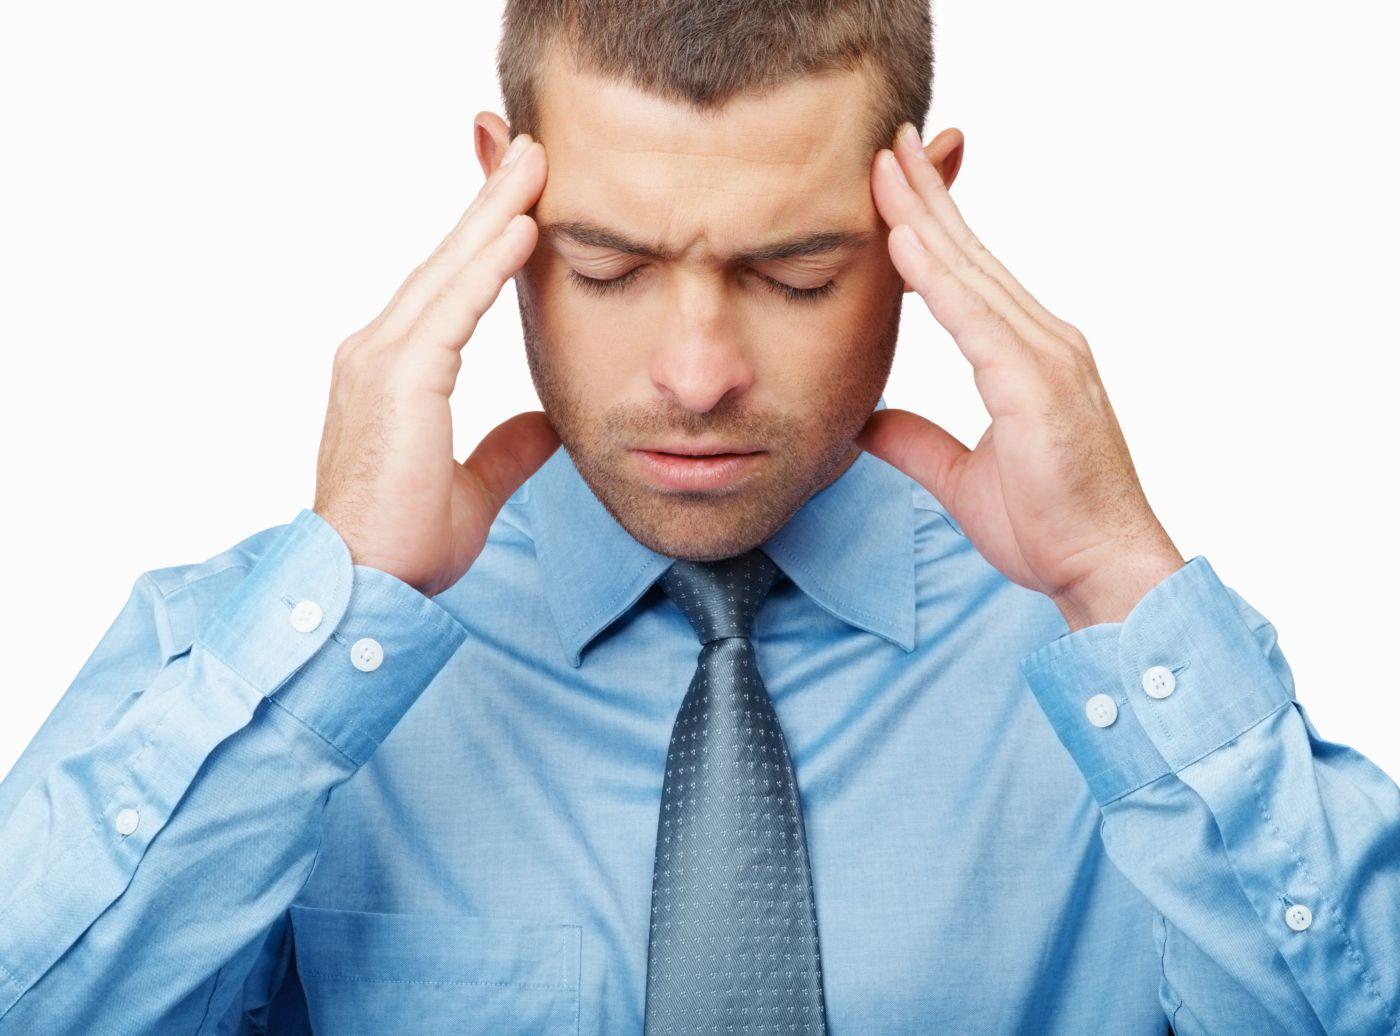 МРТ при головных болях: какое надо делать